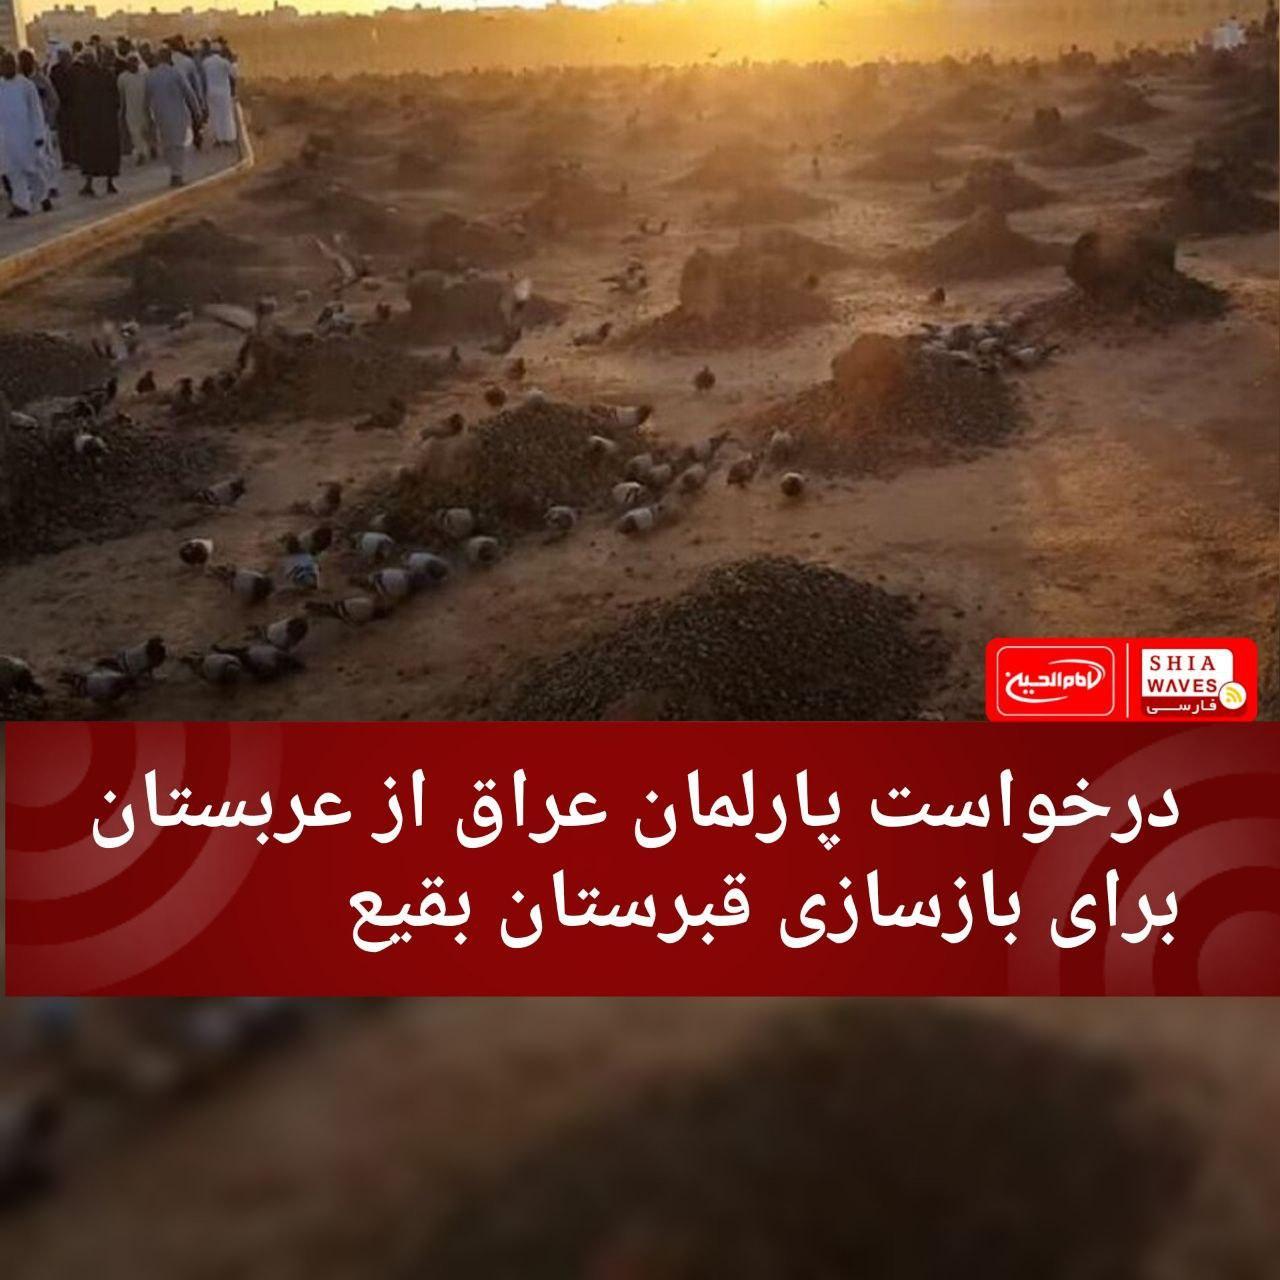 تصویر درخواست پارلمان عراق از عربستان برای بازسازی قبرستان بقیع